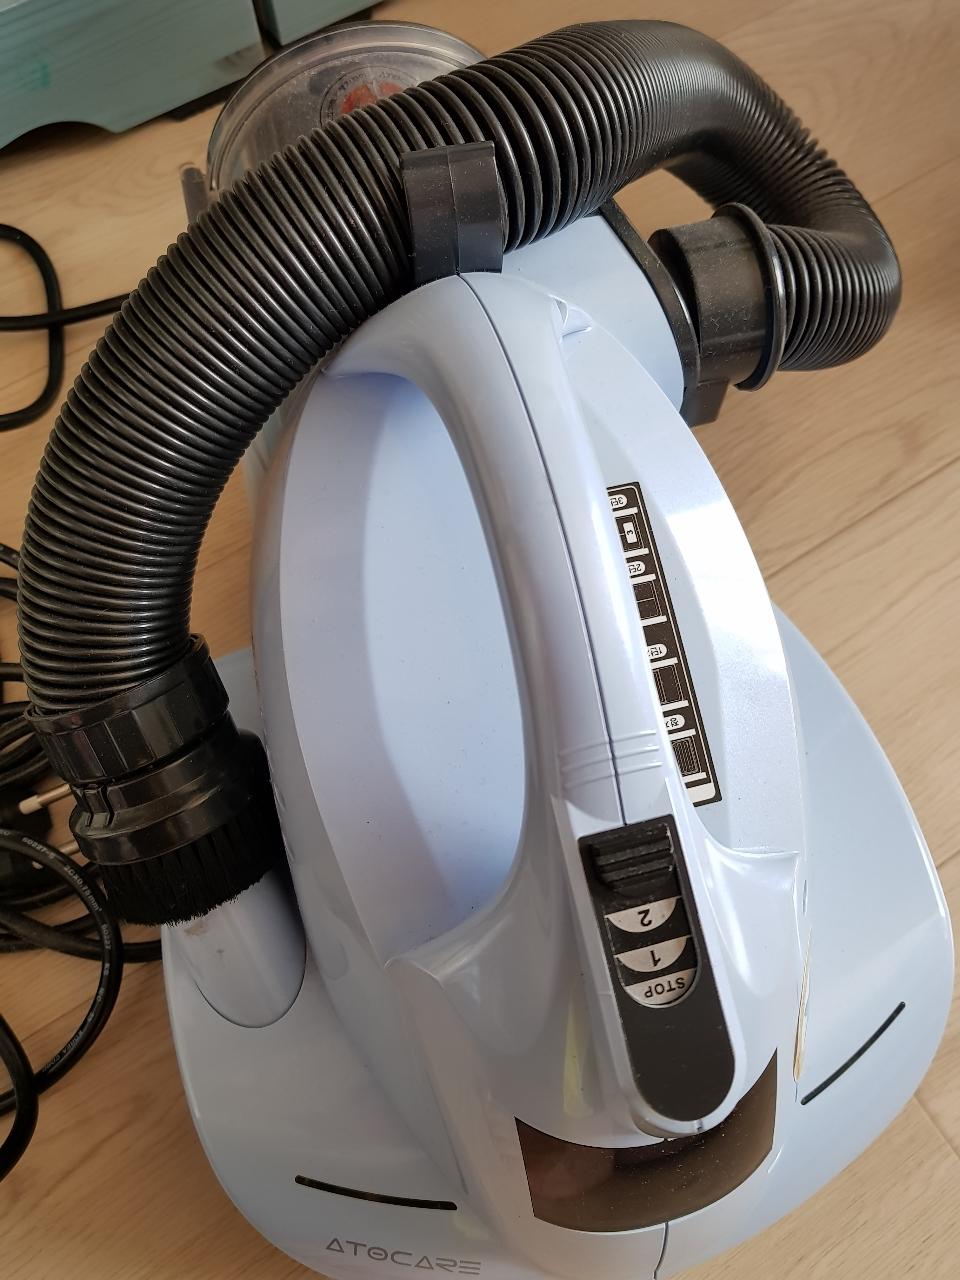 자외선  살균 진공 청소기( 이불청소기)